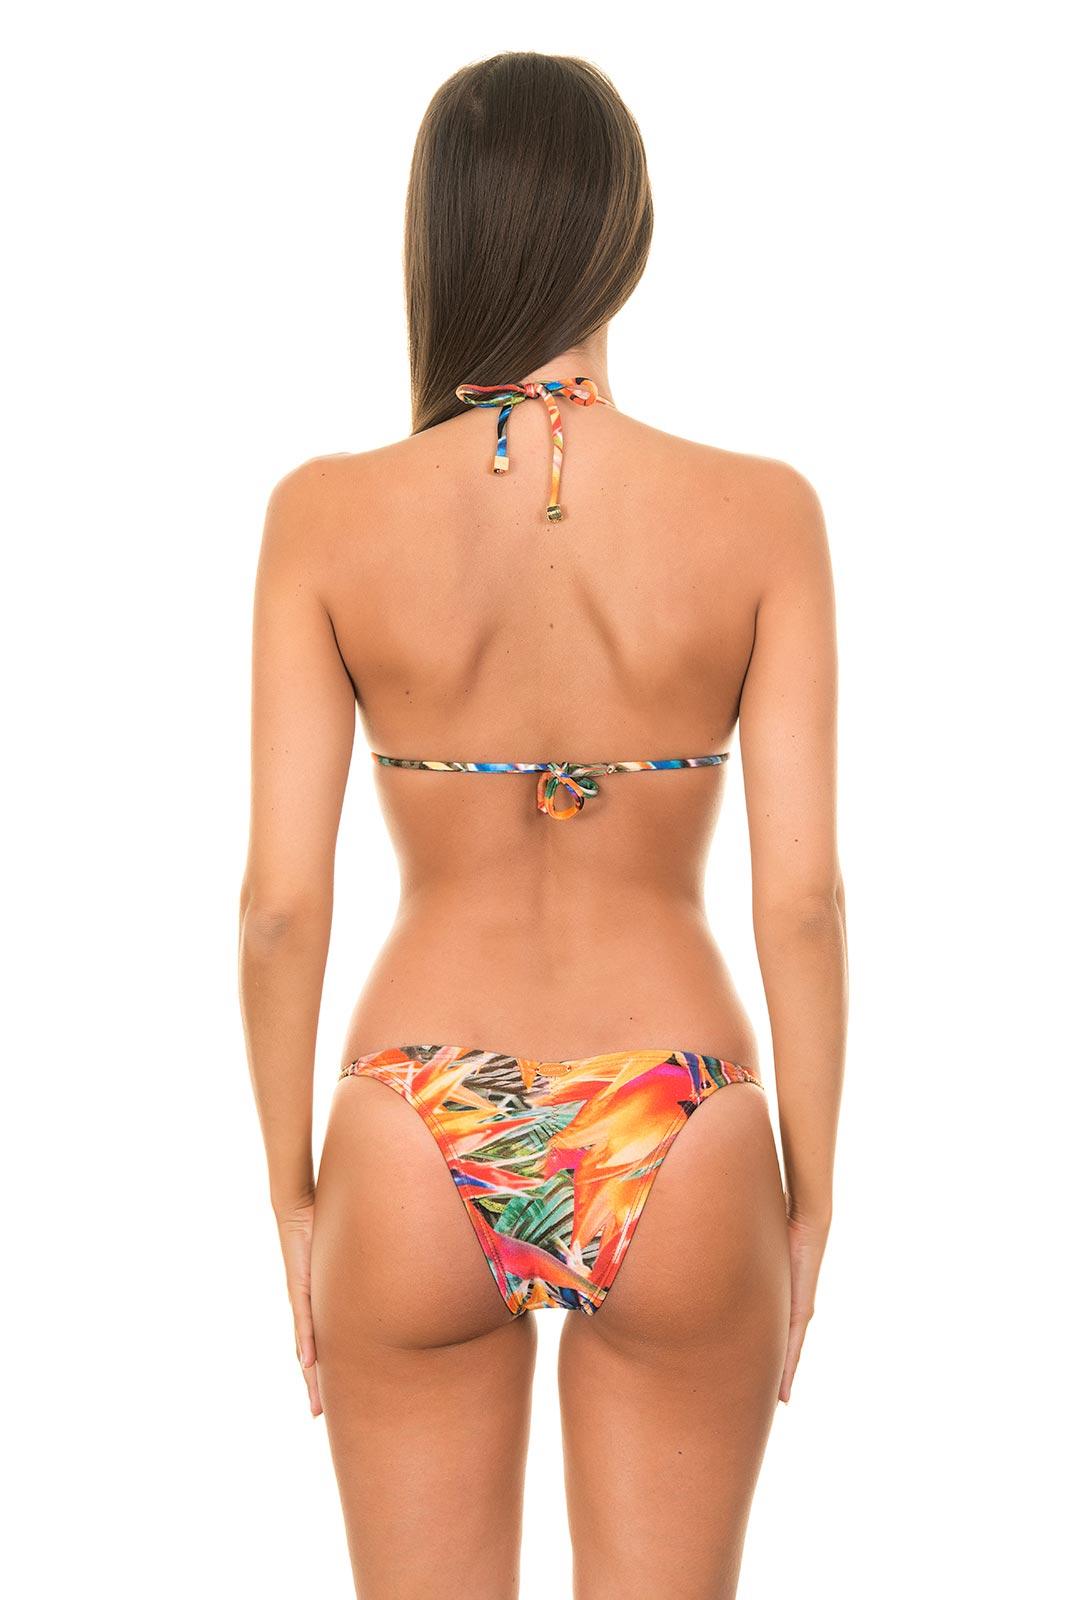 ... Topischer Dreiecks-Bikini mit Schmuckbändern - ESTRELICIA ...